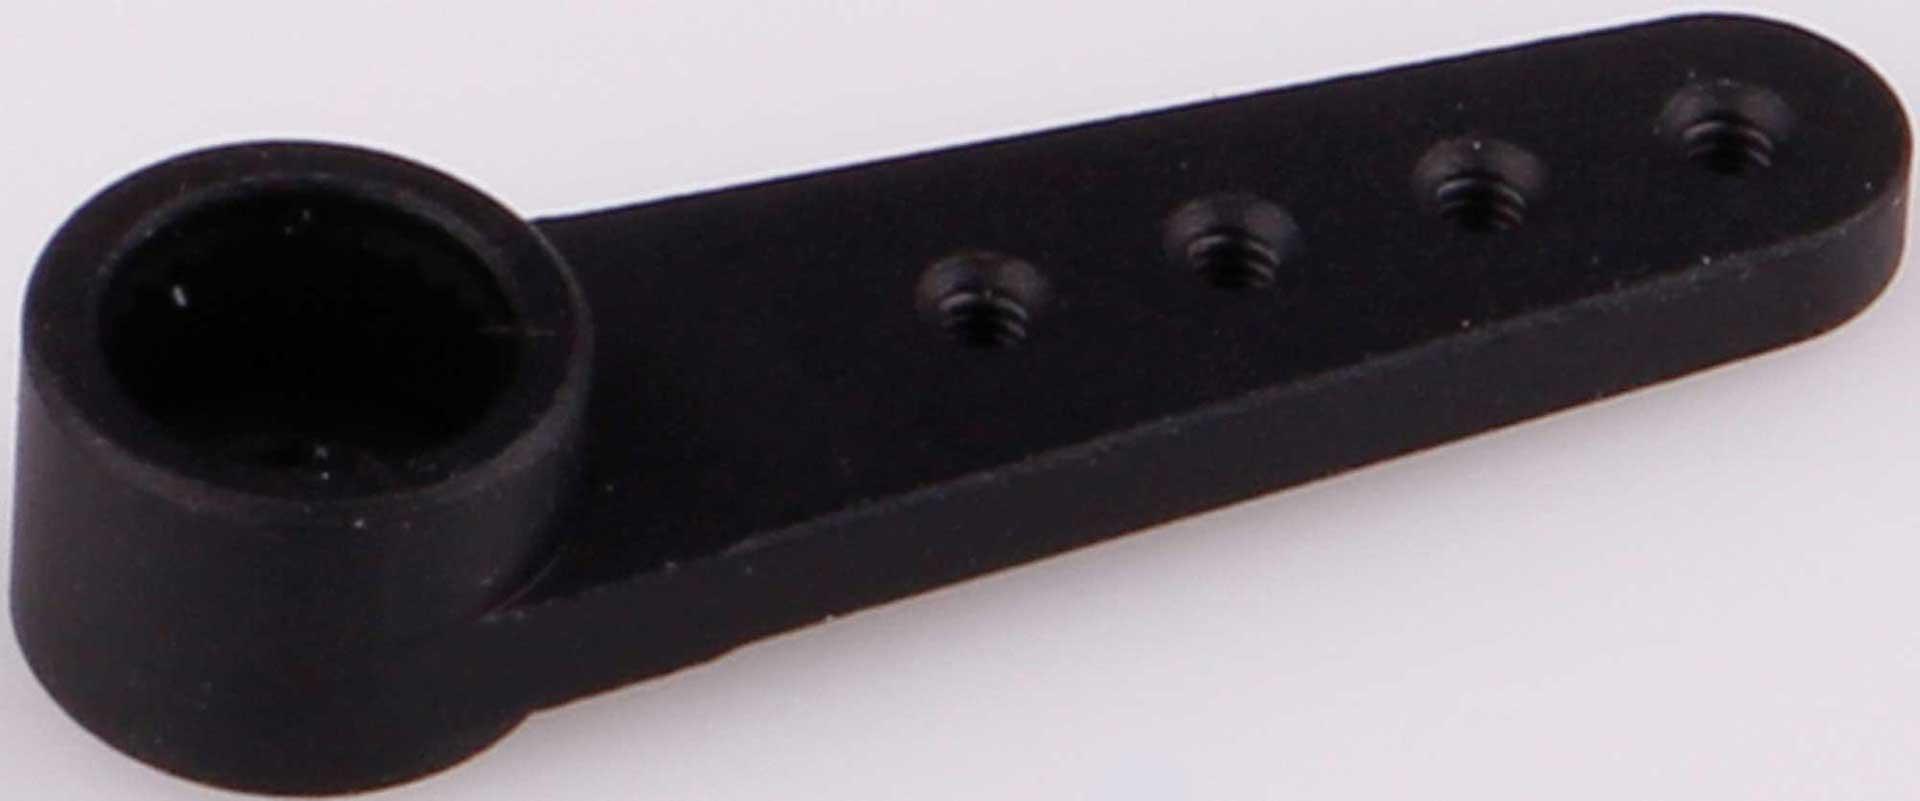 Robbe Modellsport Alu Servohebel FS 335 30mm schwarz